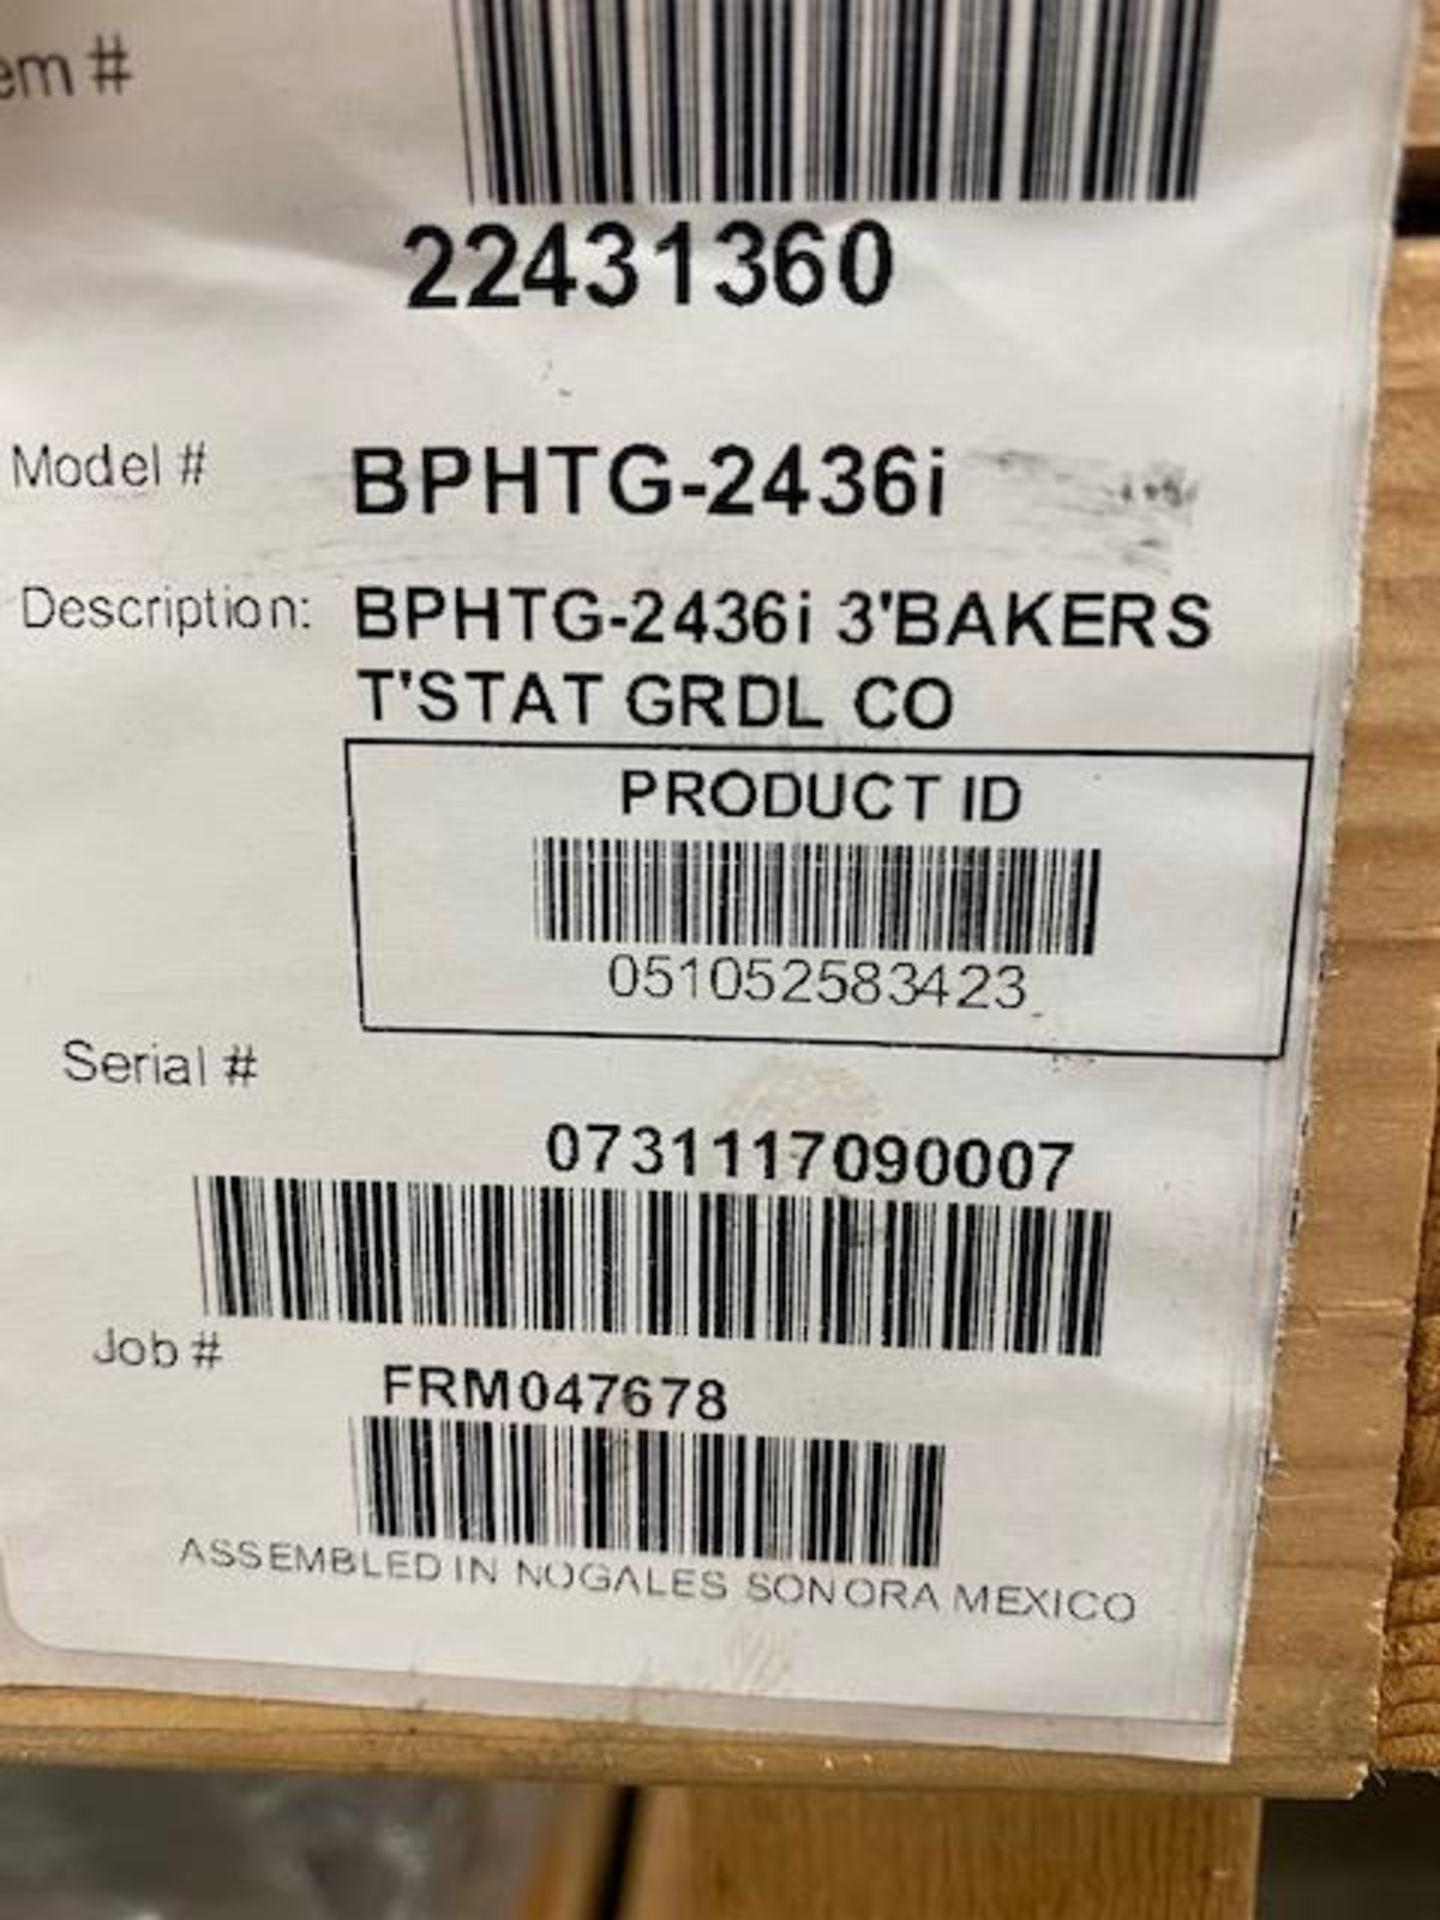 Lot 316 - NEW 3' BAKERS GRIDDLE MODEL BPHTG-2436I